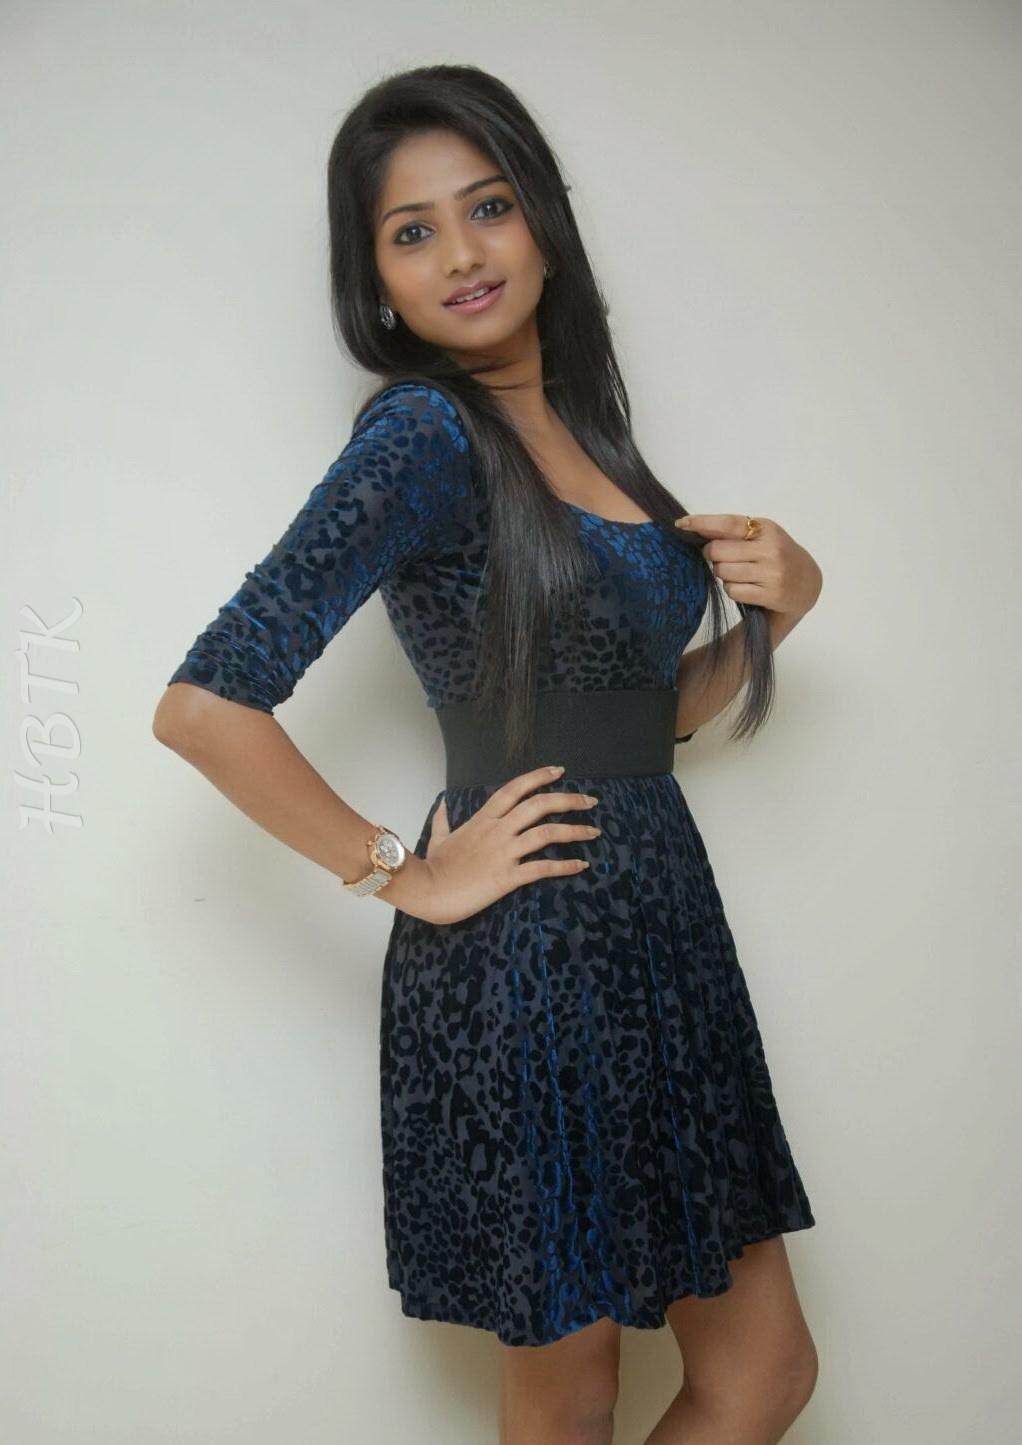 Punjabi Cute Girl Hd Wallpaper Hbtkollywood Rachita Ram A Kannada Actress Showing Her